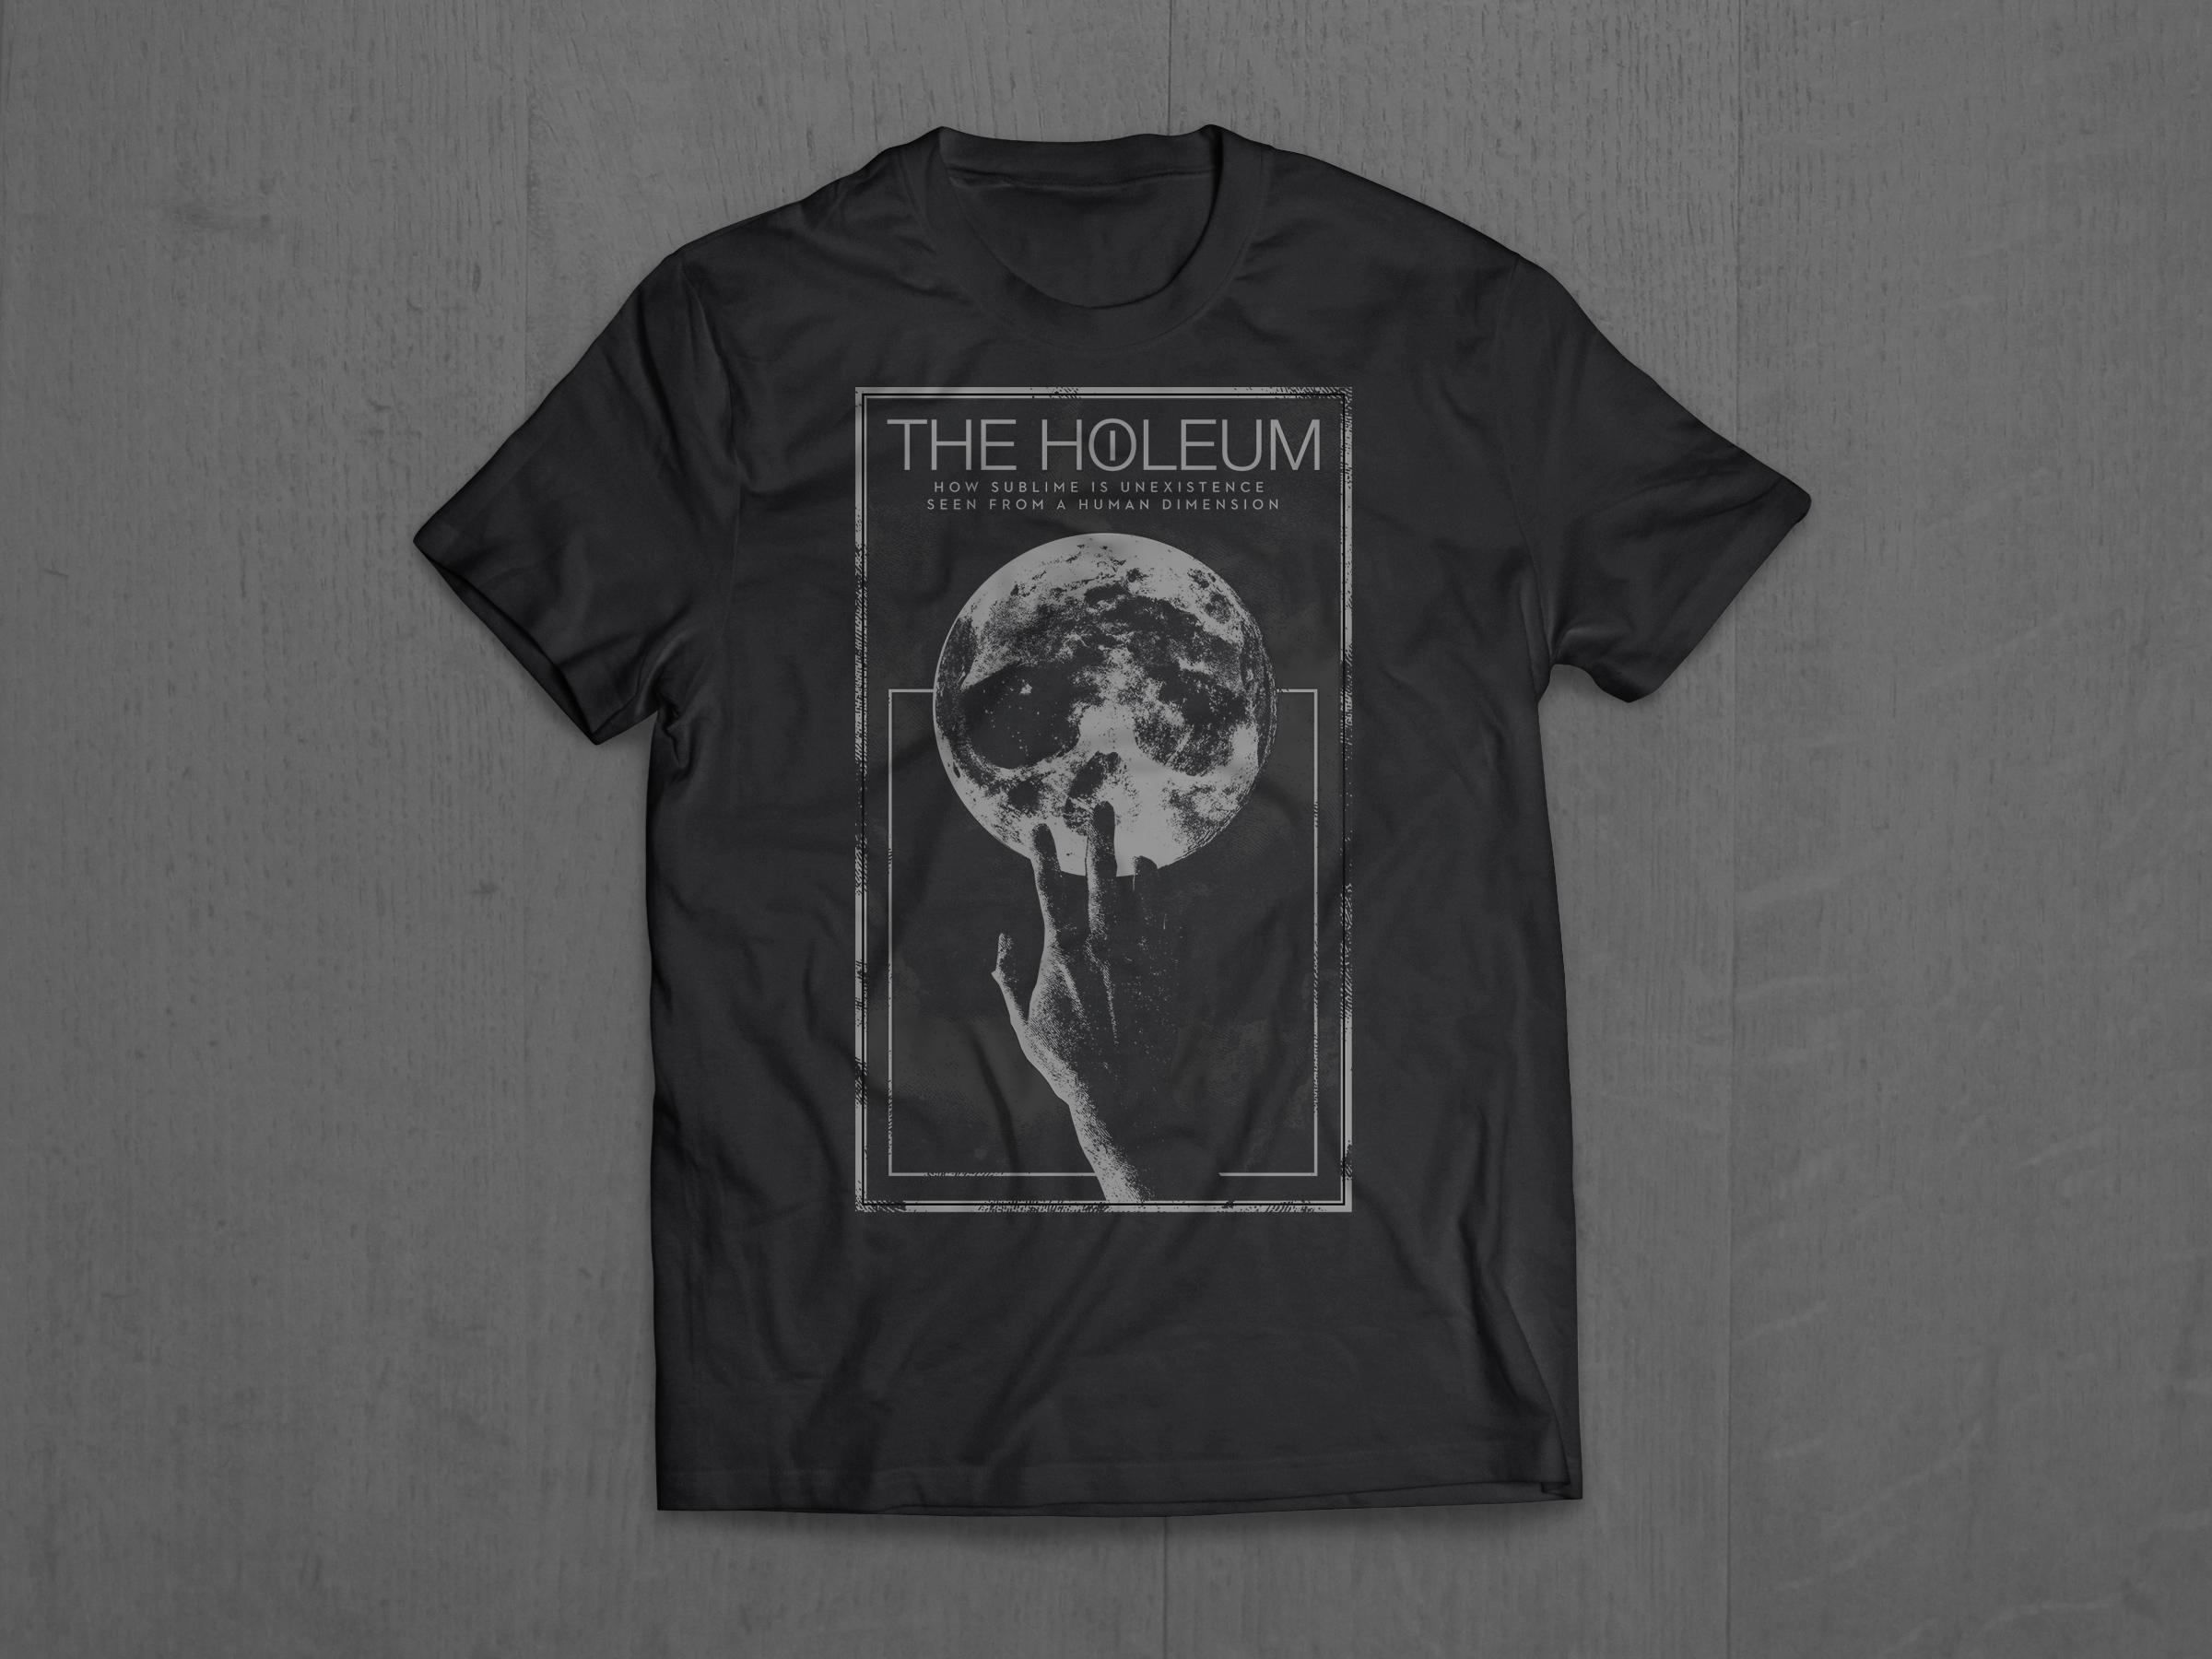 theholeum-tshirt